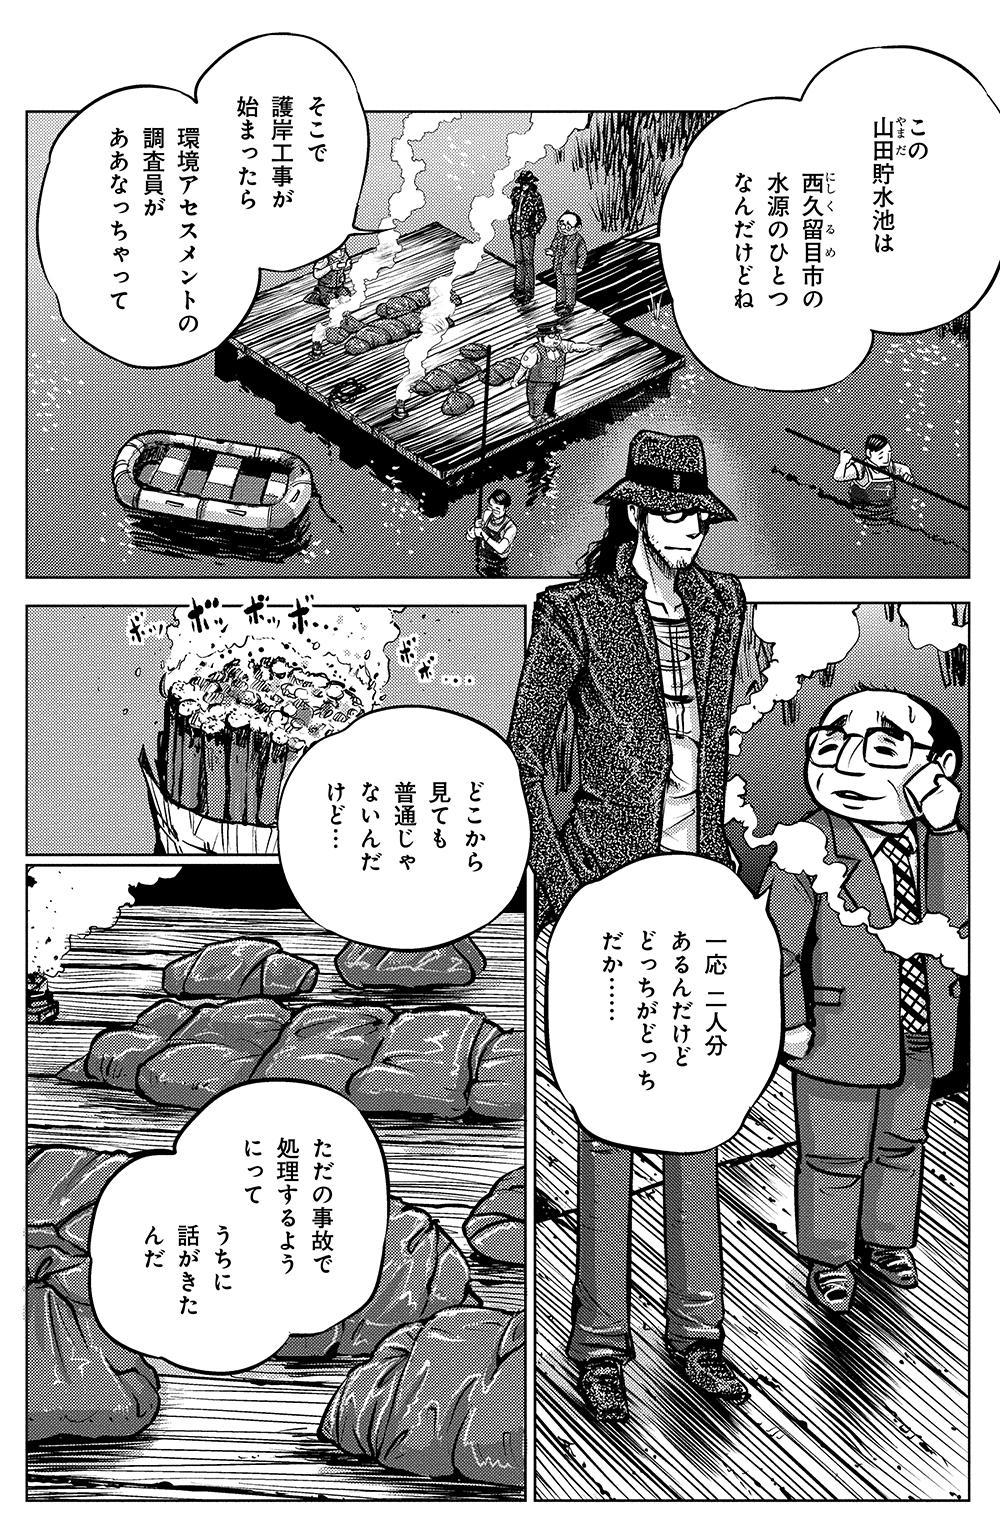 ことなかれ 第3話「革仔玉」①kotonakare01-06.jpg